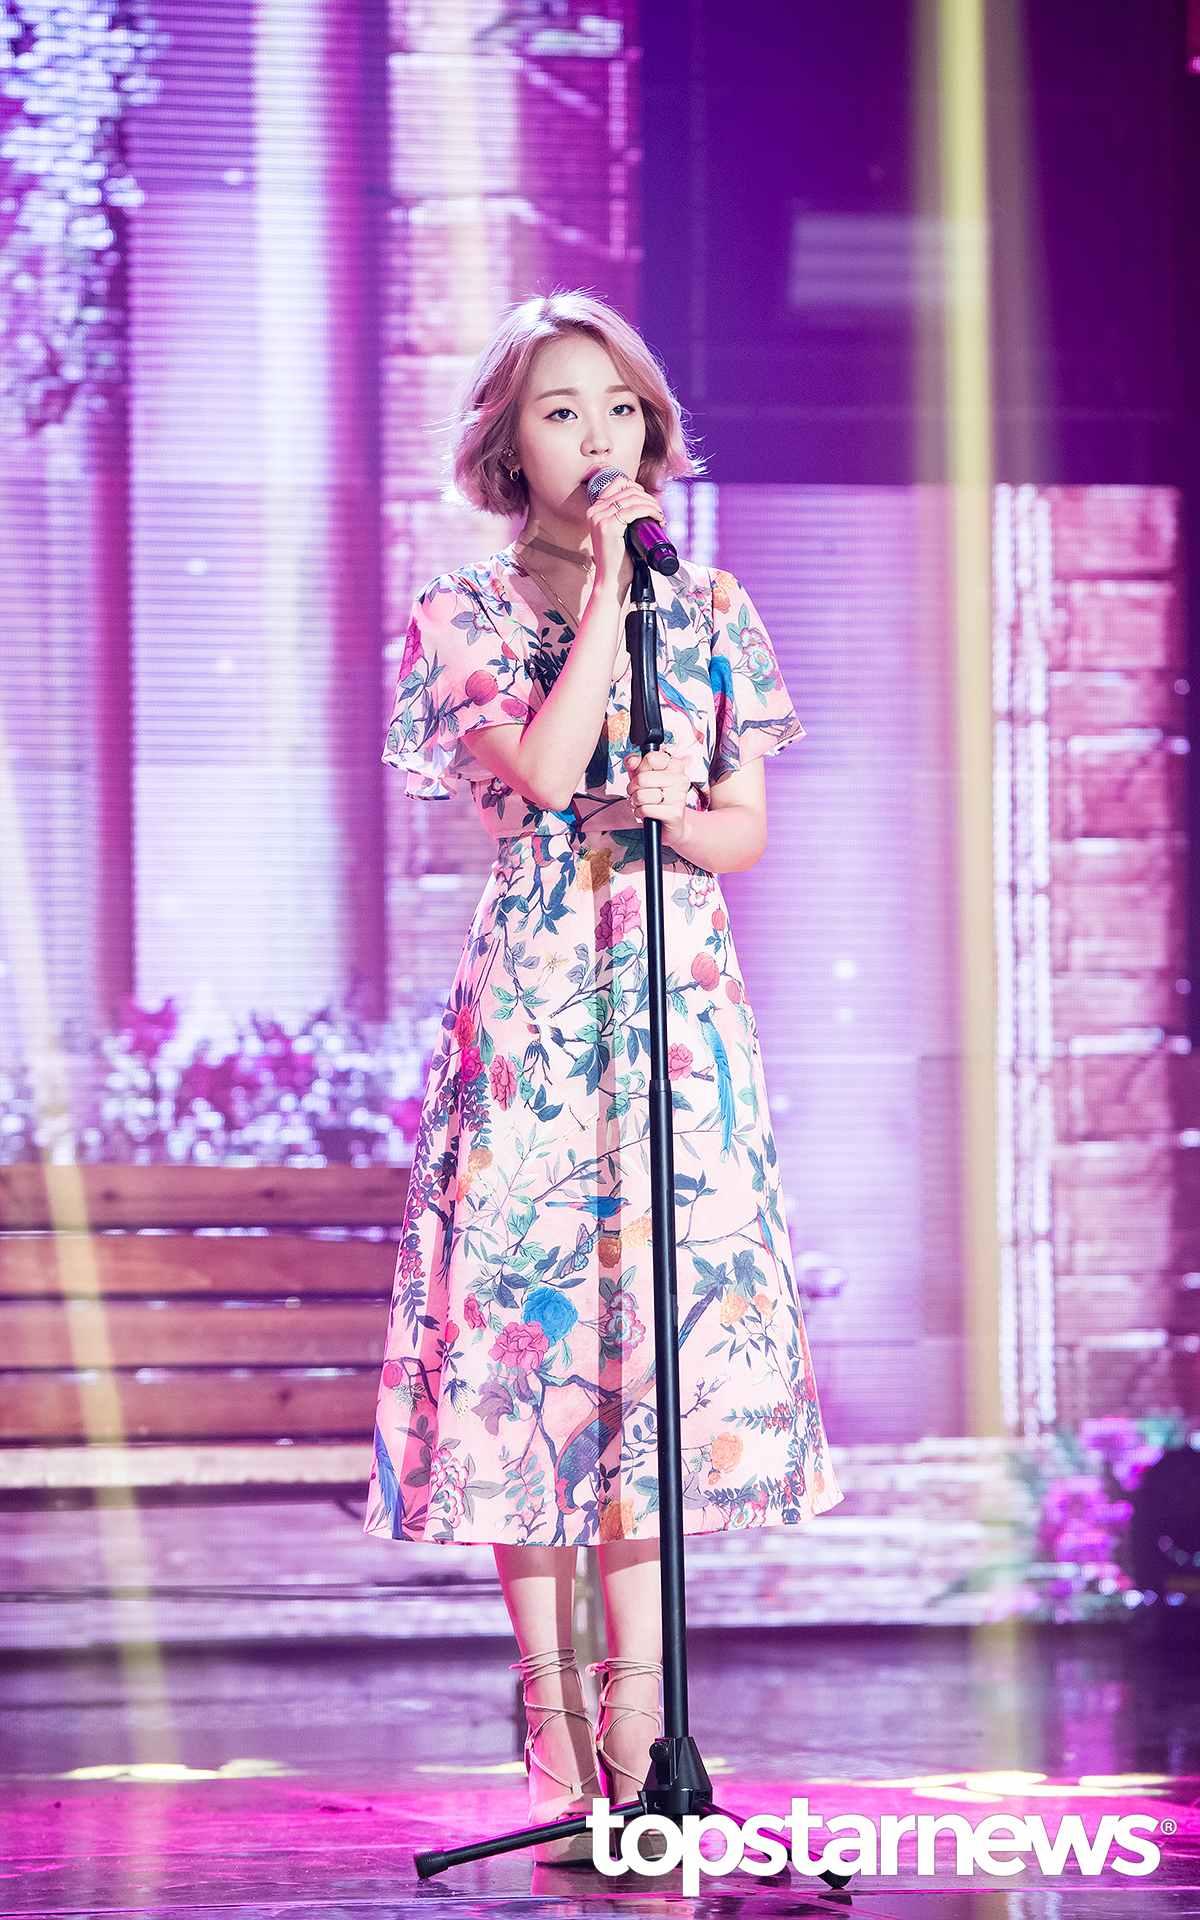 而且最猛的是接連發片的白雅言的《So So》成績可不soso,讓melon前10強的榜單上JYP佔據三席,就是靠白雅言的 《So So》締造的佳績啊!